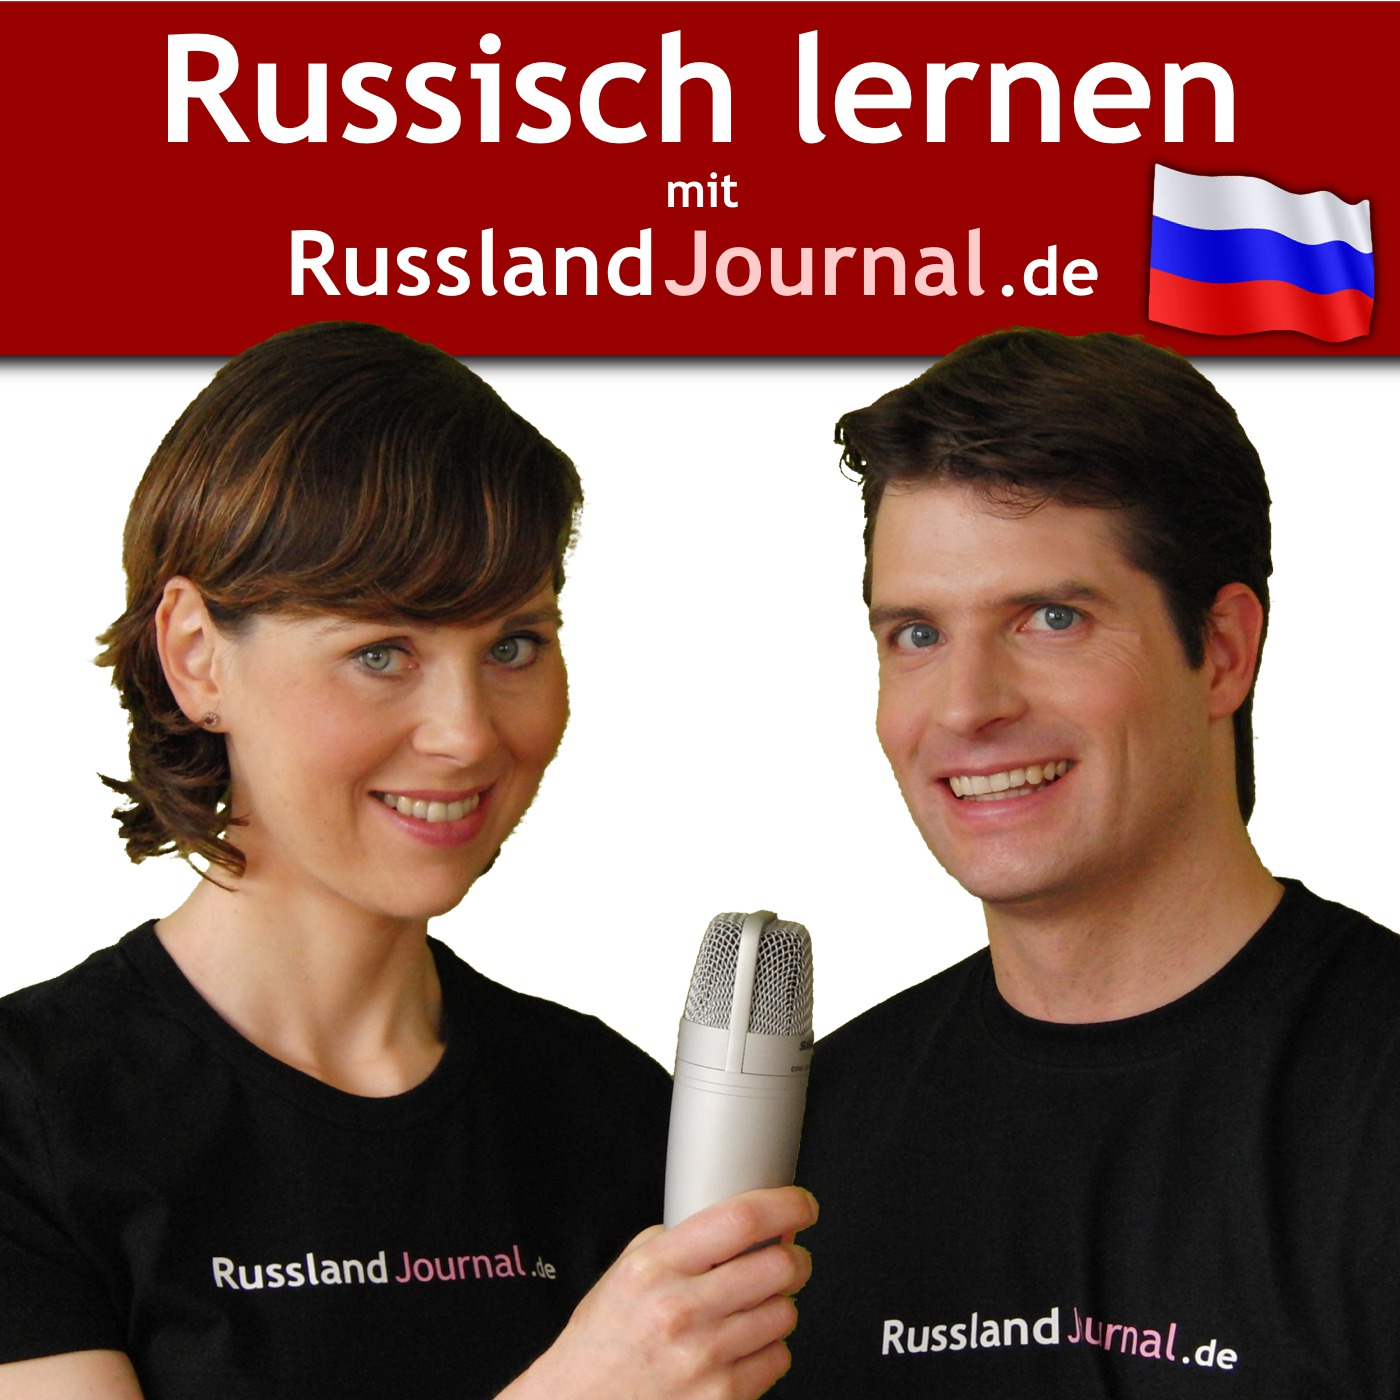 Ich freue mich auf unser treffen russisch